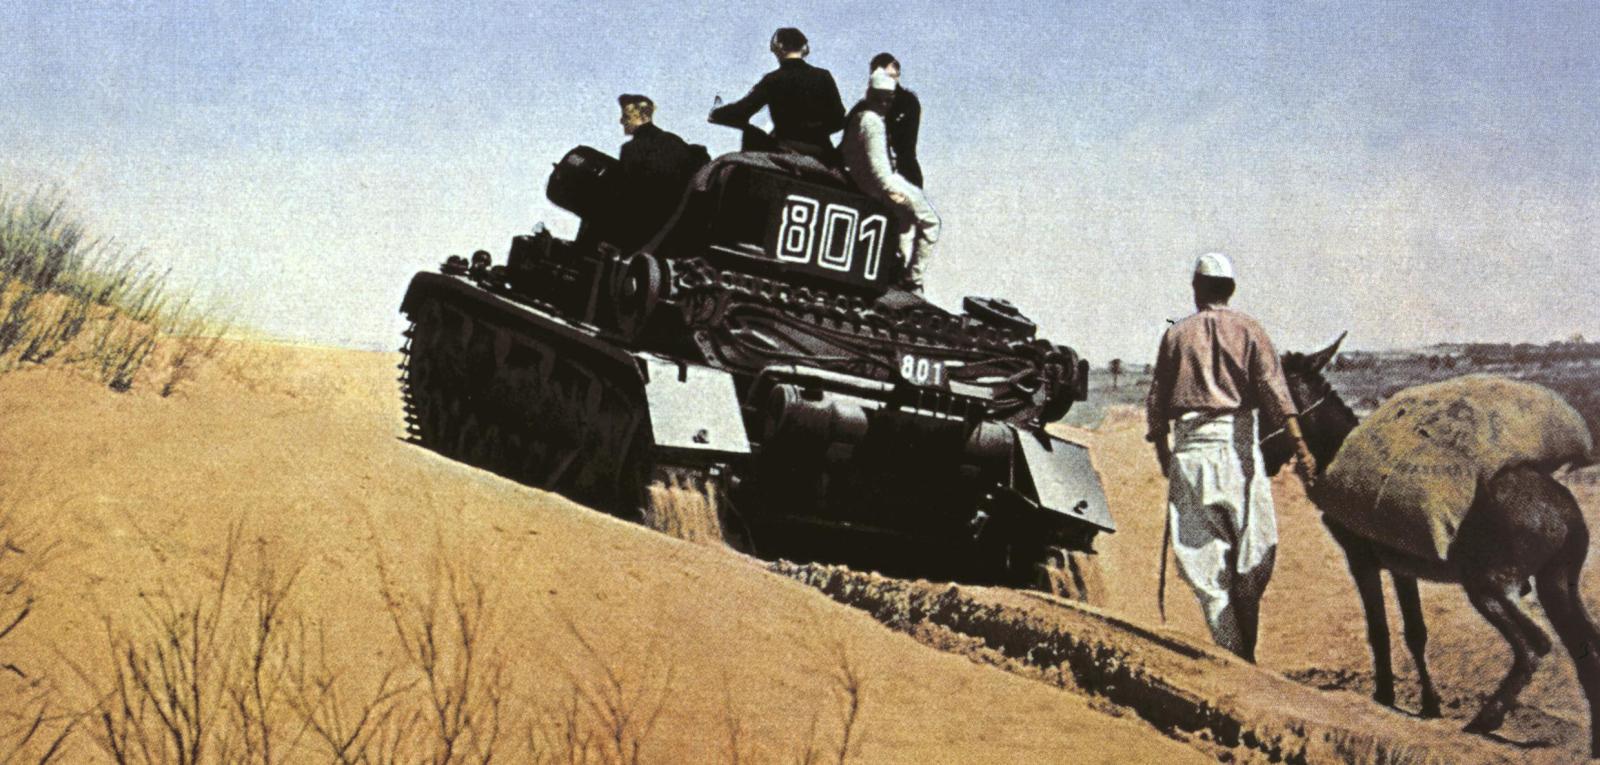 Qattara depression German tank